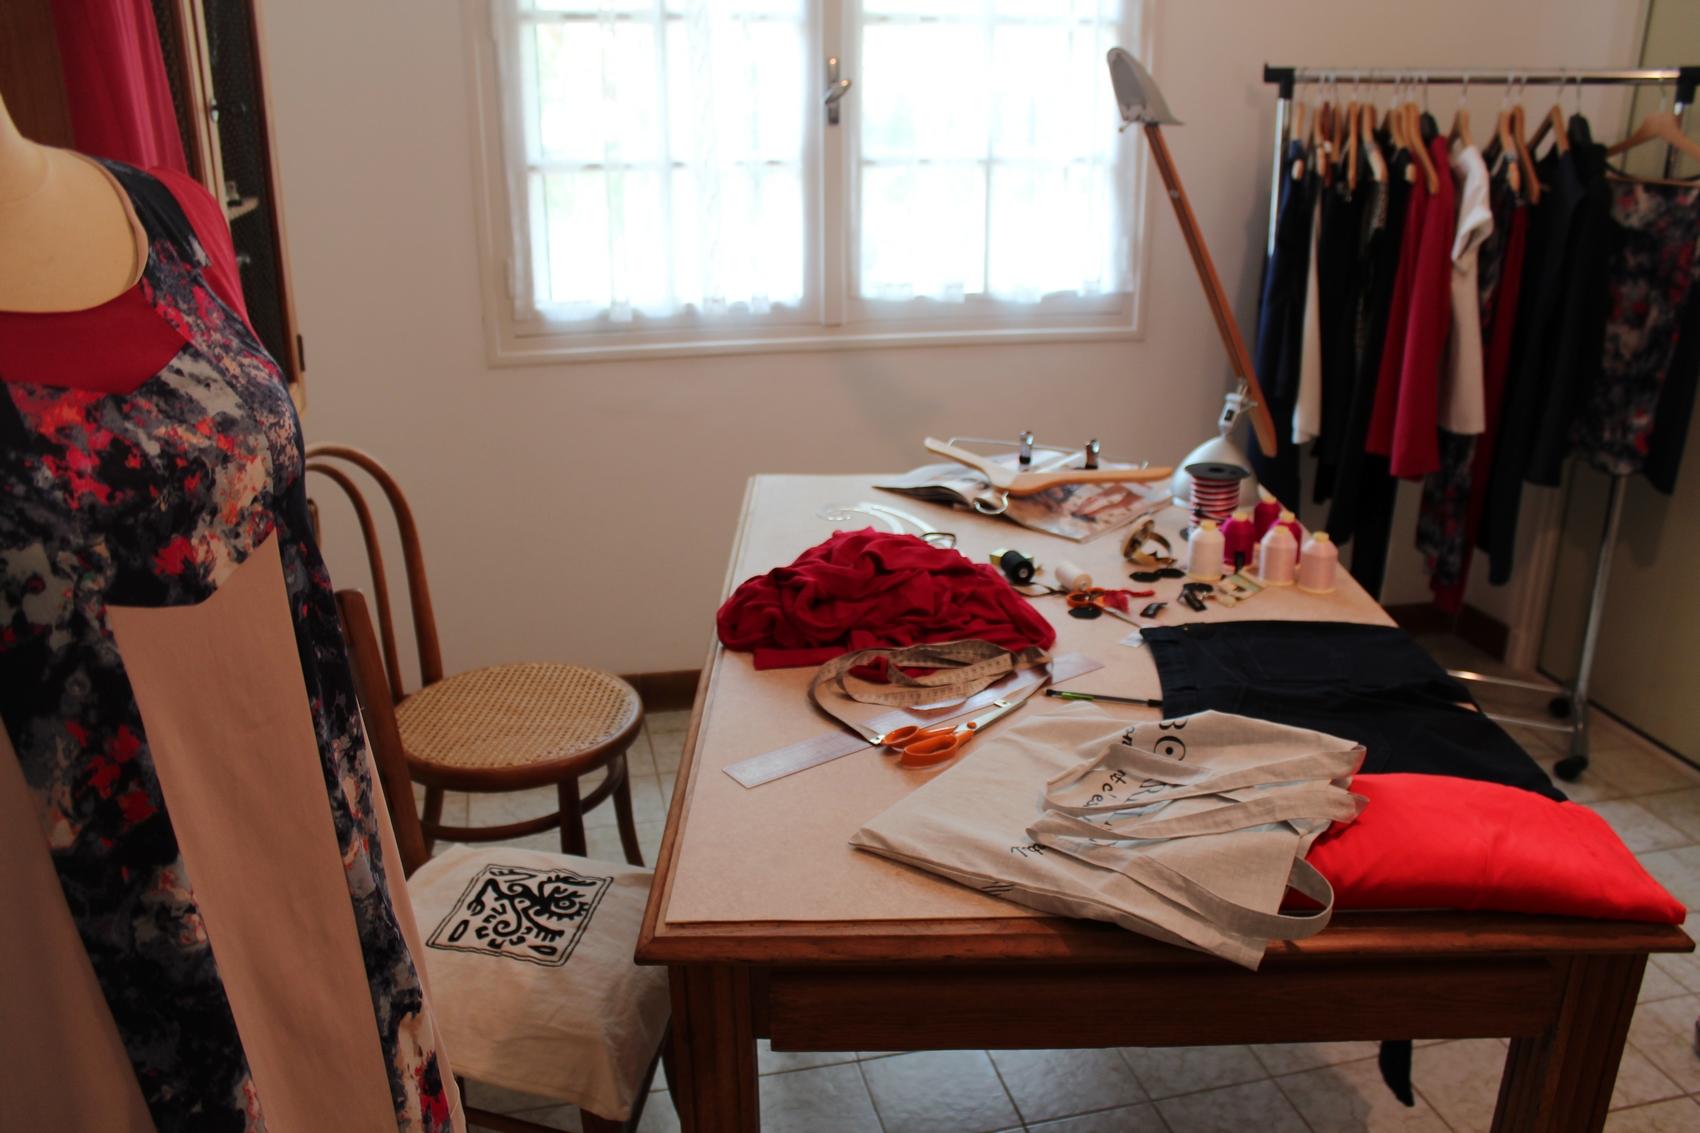 Jupes, robes, pantalons, vestes et hauts, la collection propose 27 modèles. ©AL